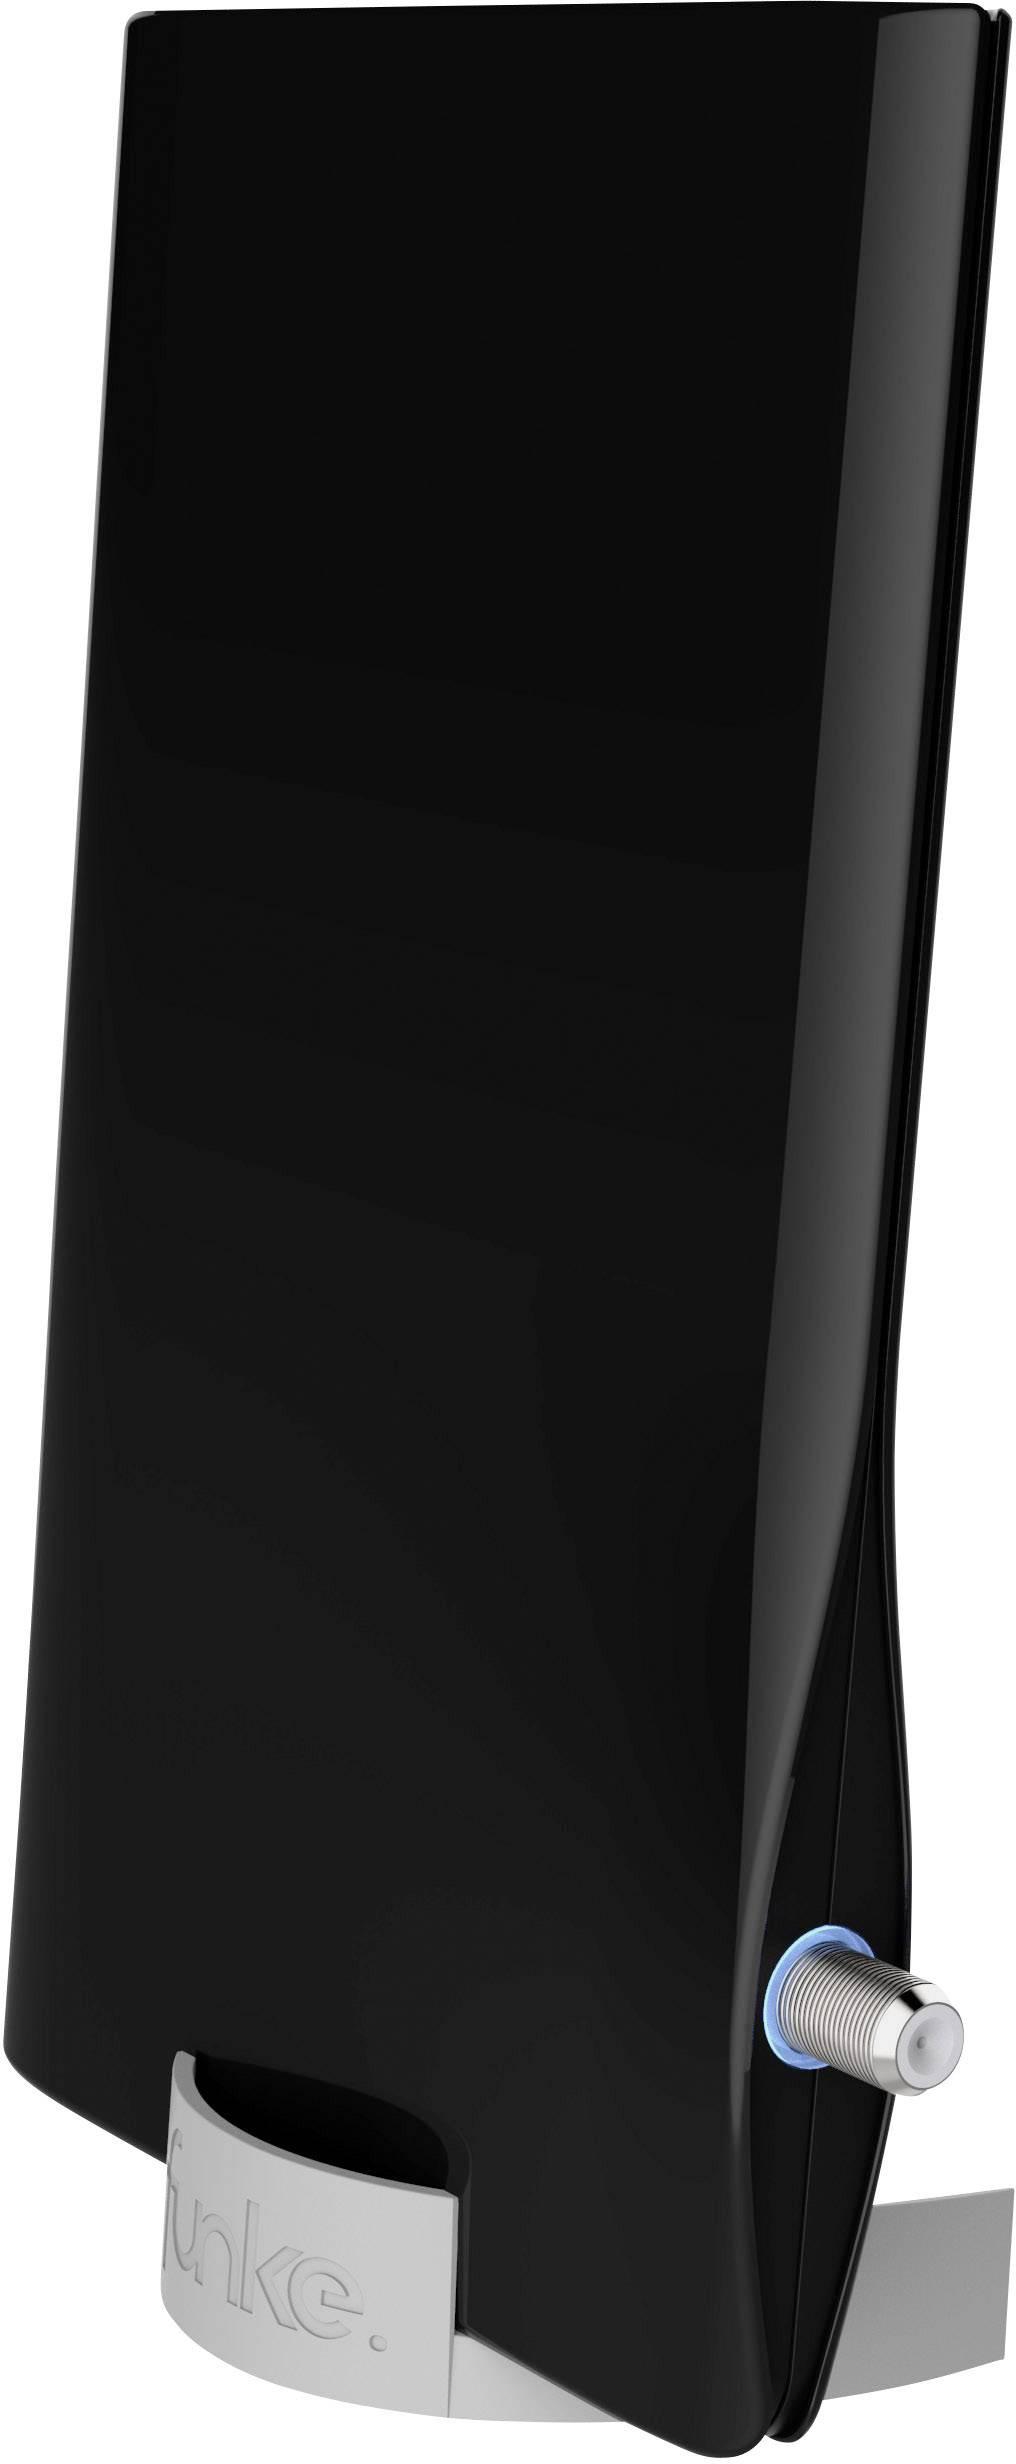 Funke DSC550 schwarz Antenna a